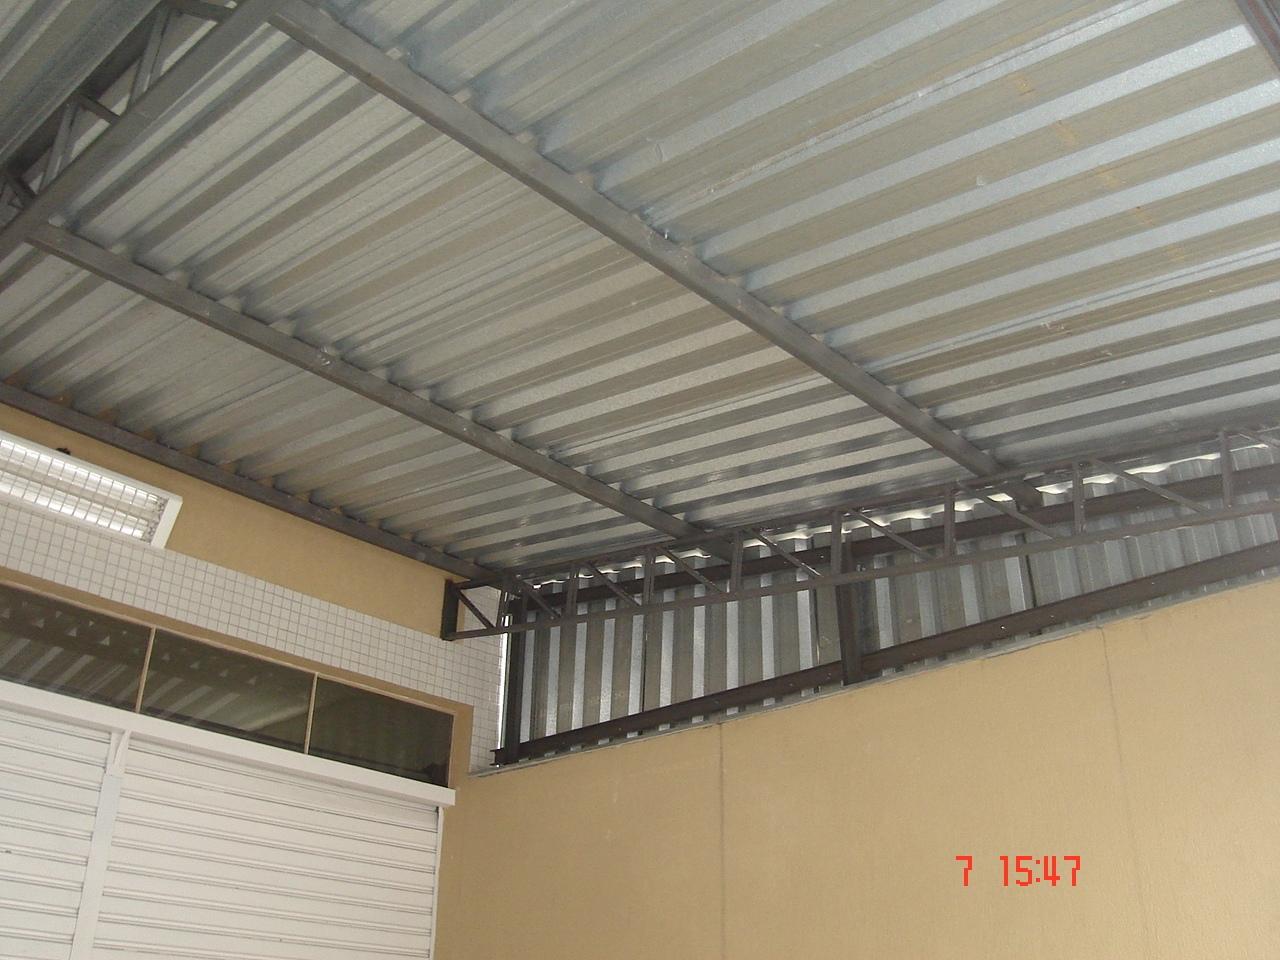 Empresa de Telhados com Telha de Aço no Ibirapuera - Telhado Ondulado